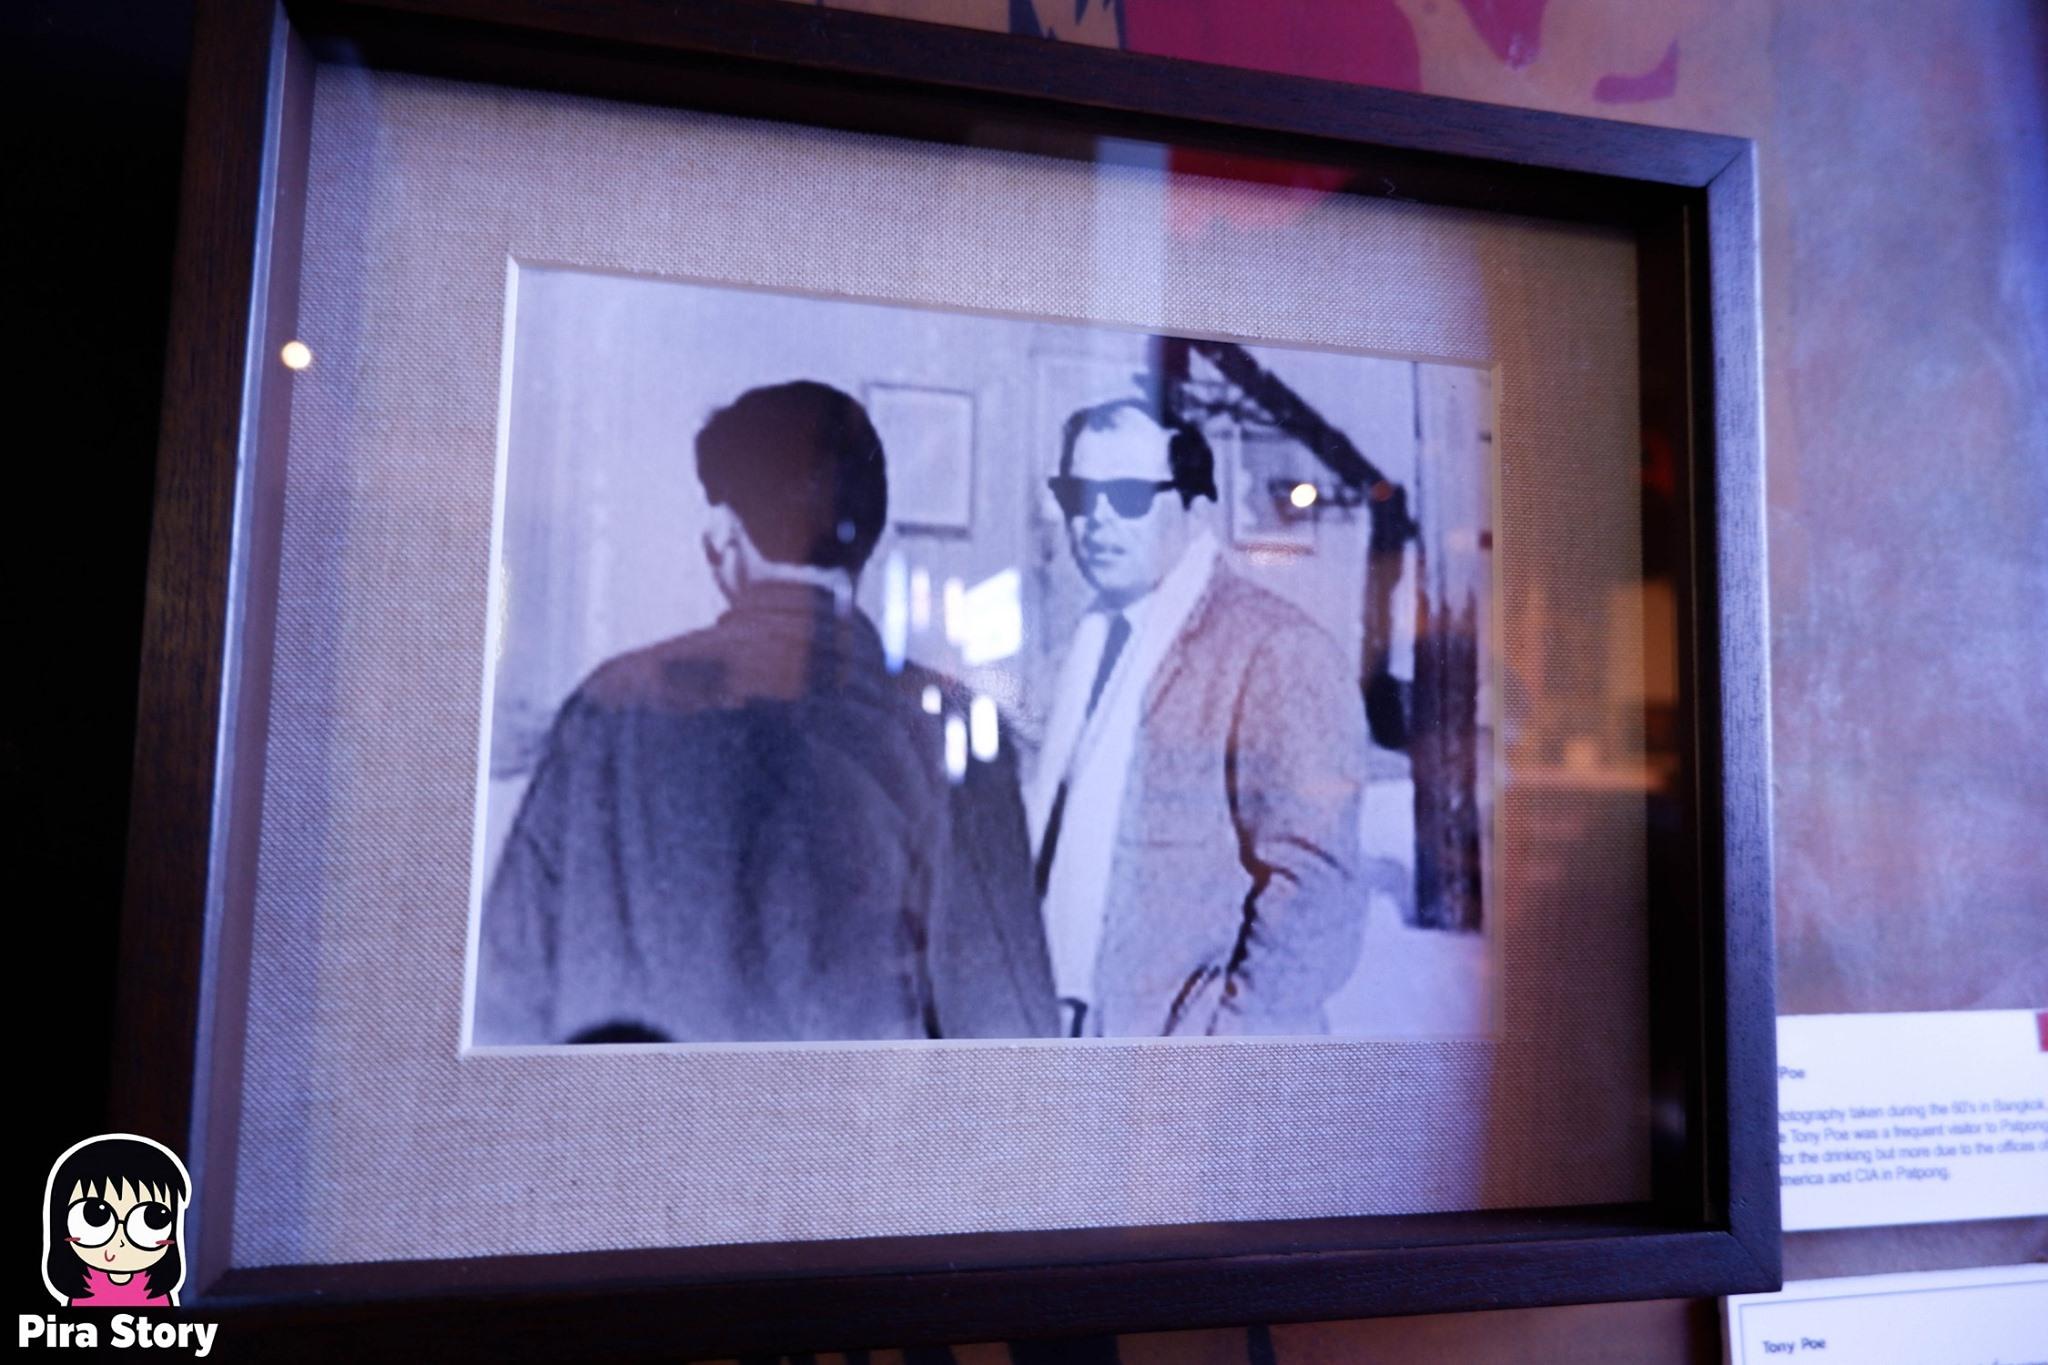 พิพิธภัณฑ์พัฒน์พงศ์ Patpong museum สถานบันเทิง บาร์ อะโกโก้ เต้นรูดเสา sex worker ค้าประเวณี โสเภณี โคมเขียว ผับ บาร์ 18+ พัฒน์พงศ์มิวเซียม pira story pirastory เที่ยวเนิร์ดๆ Tony Poe CIA ซีไอเอ